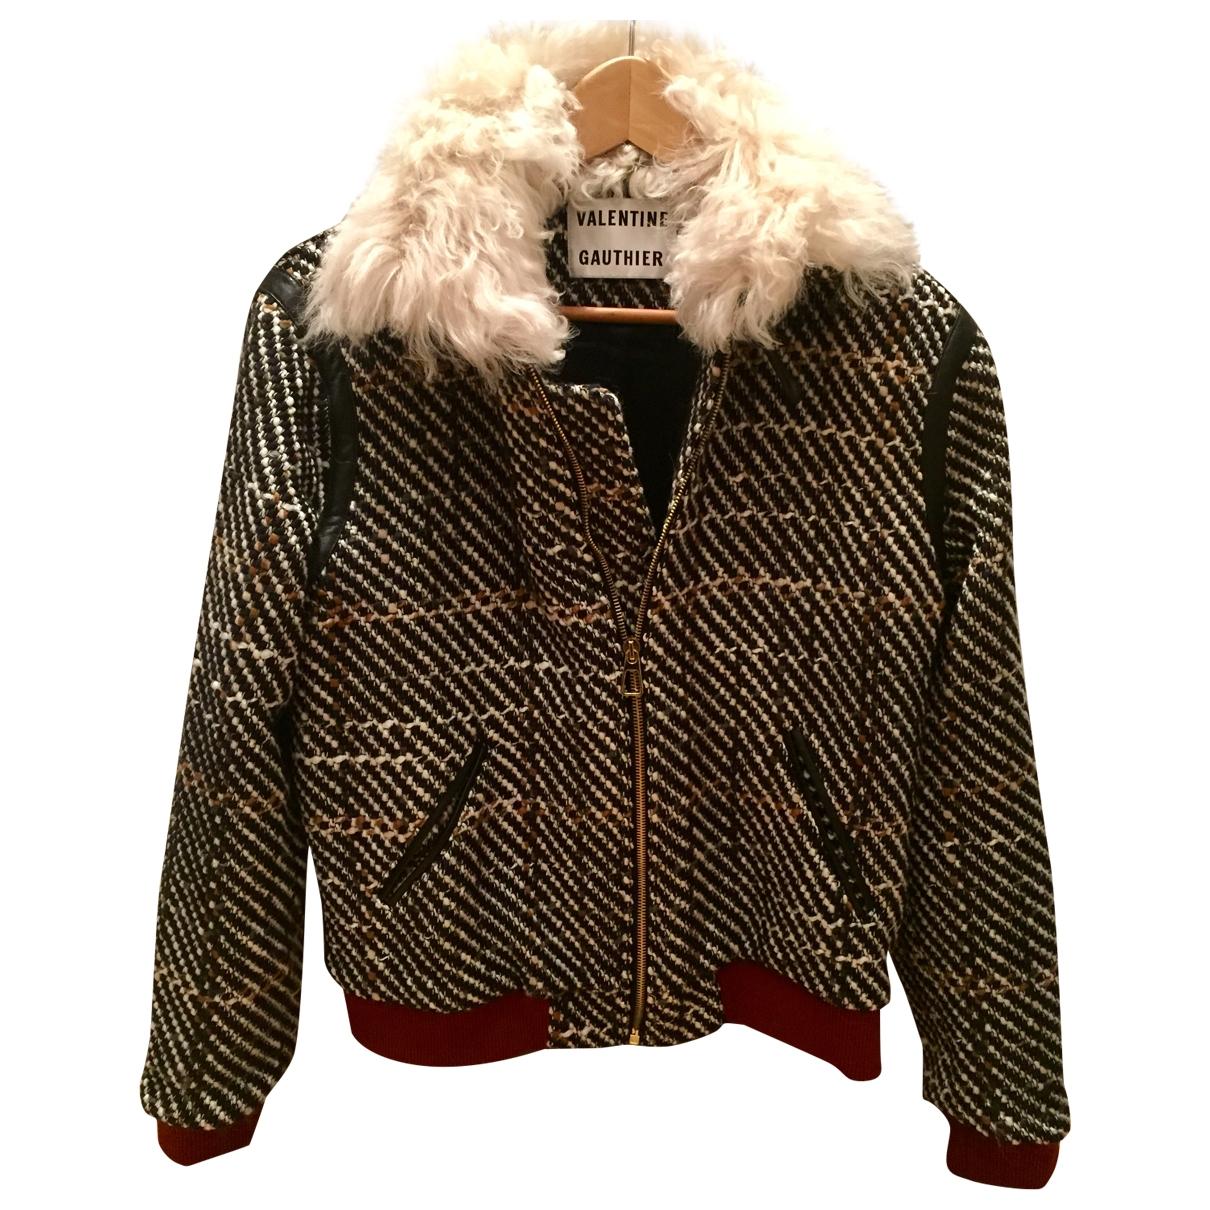 Valentine Gauthier - Blouson   pour femme en laine - multicolore